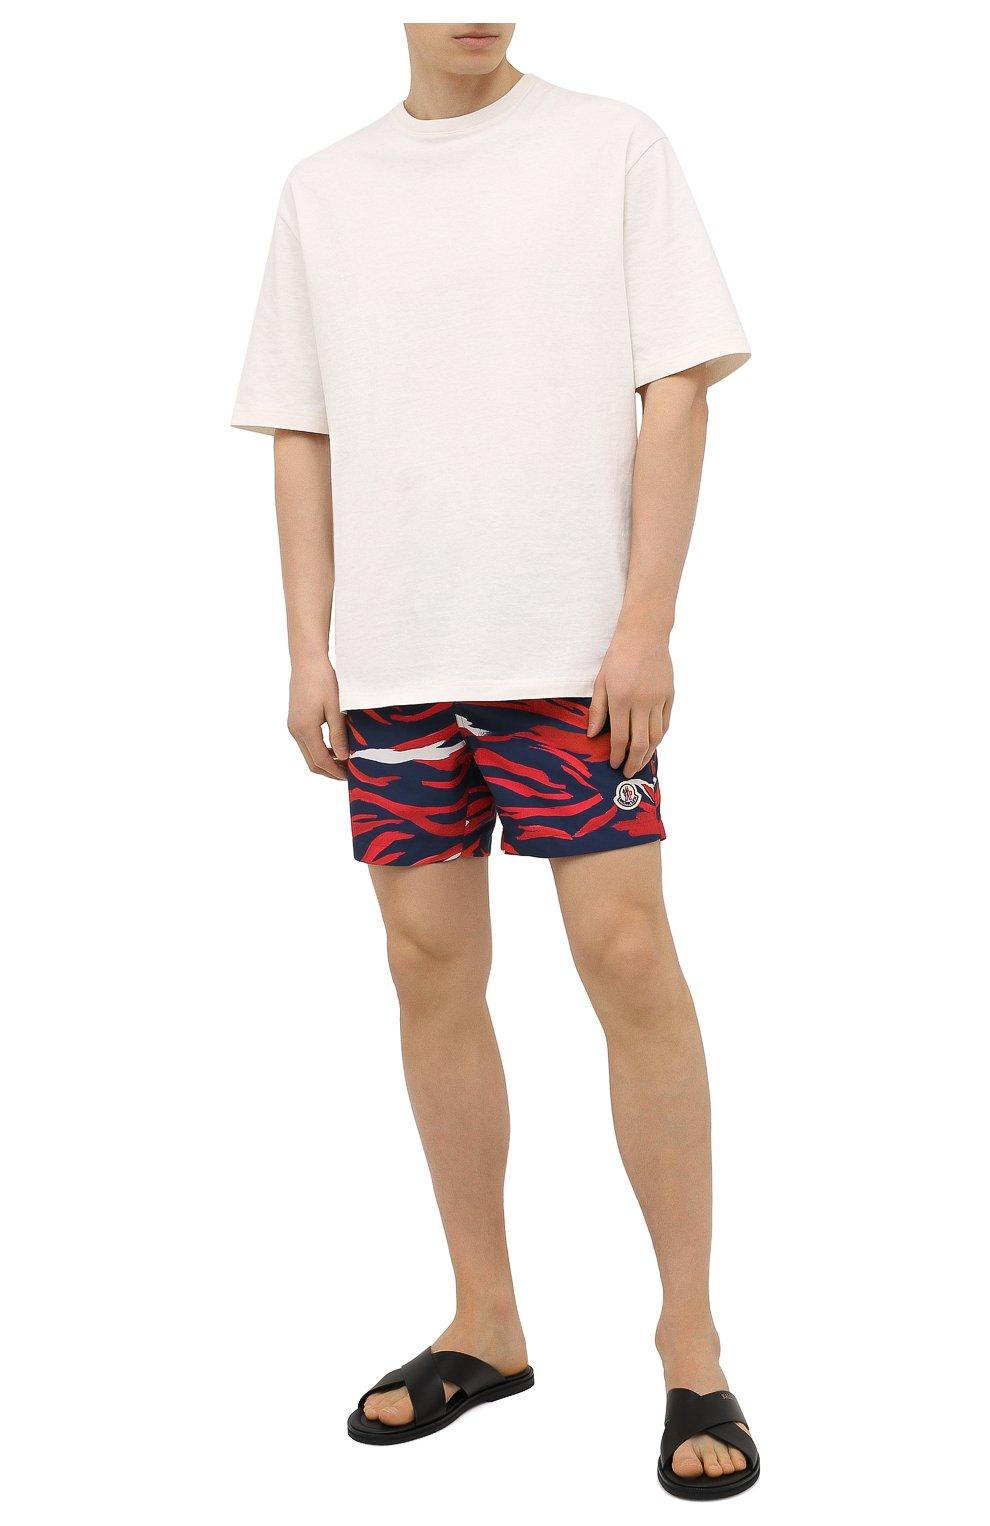 Мужские плавки-шорты MONCLER разноцветного цвета, арт. G1-091-2C708-00-5956L | Фото 2 (Материал внешний: Синтетический материал; Принт: С принтом; Мужское Кросс-КТ: плавки-шорты)